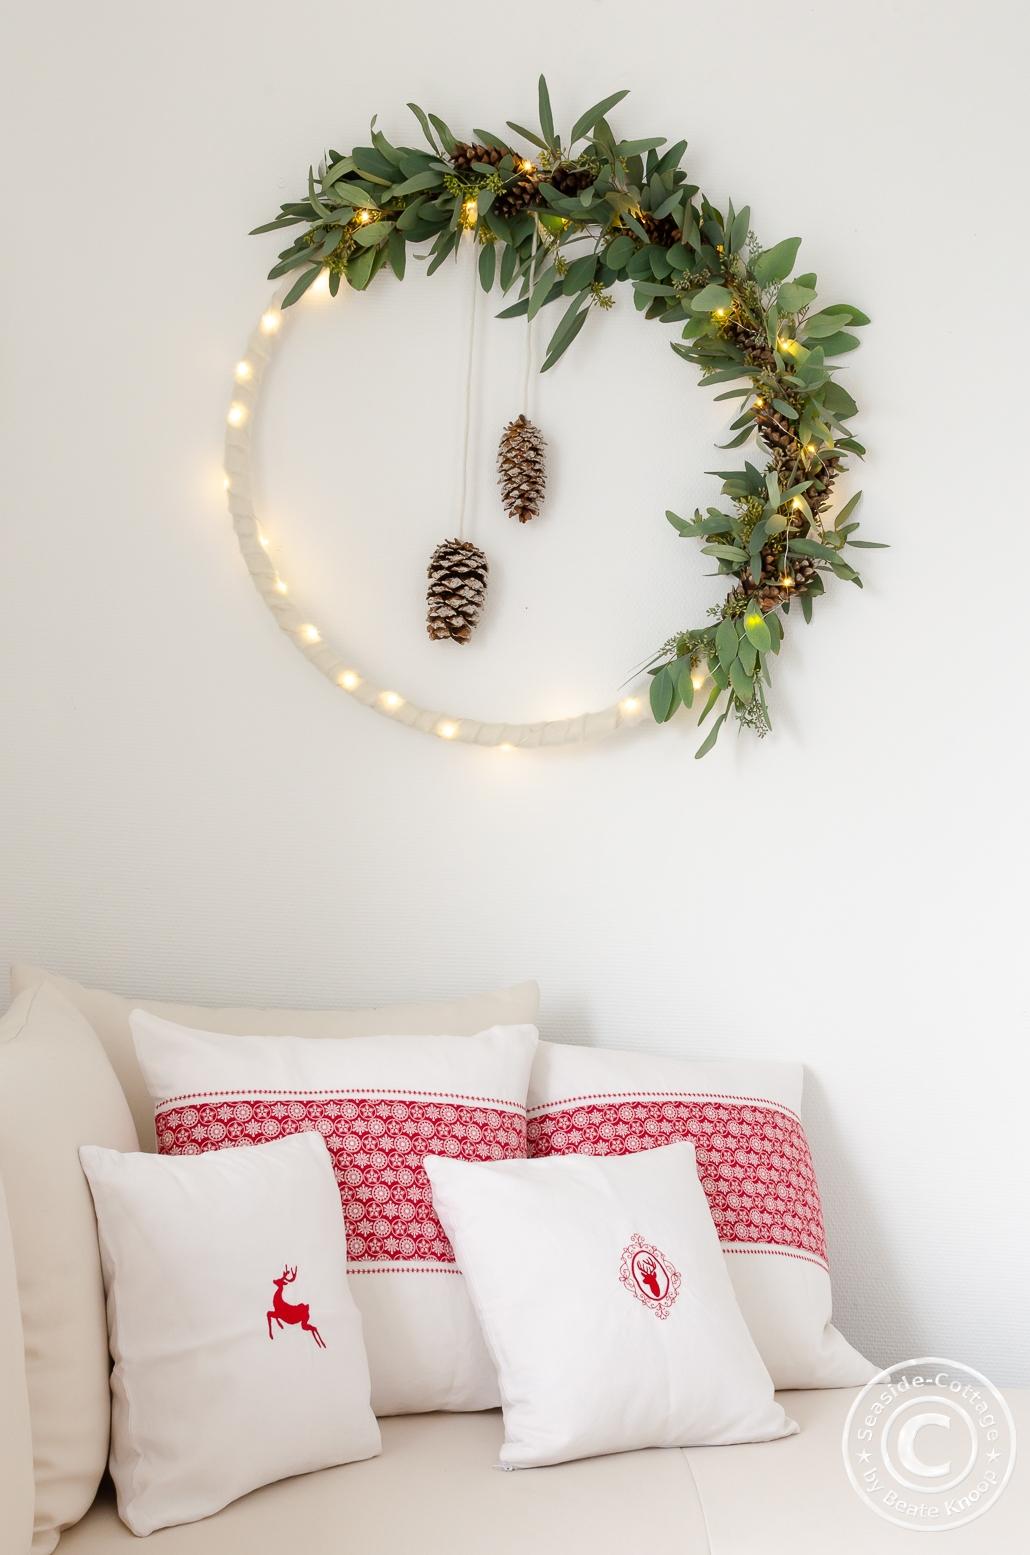 Weihnachtliche Deko mit Kissen und Wandkranz aus Eukalyptus, weißem Filz und mit Lichterkette